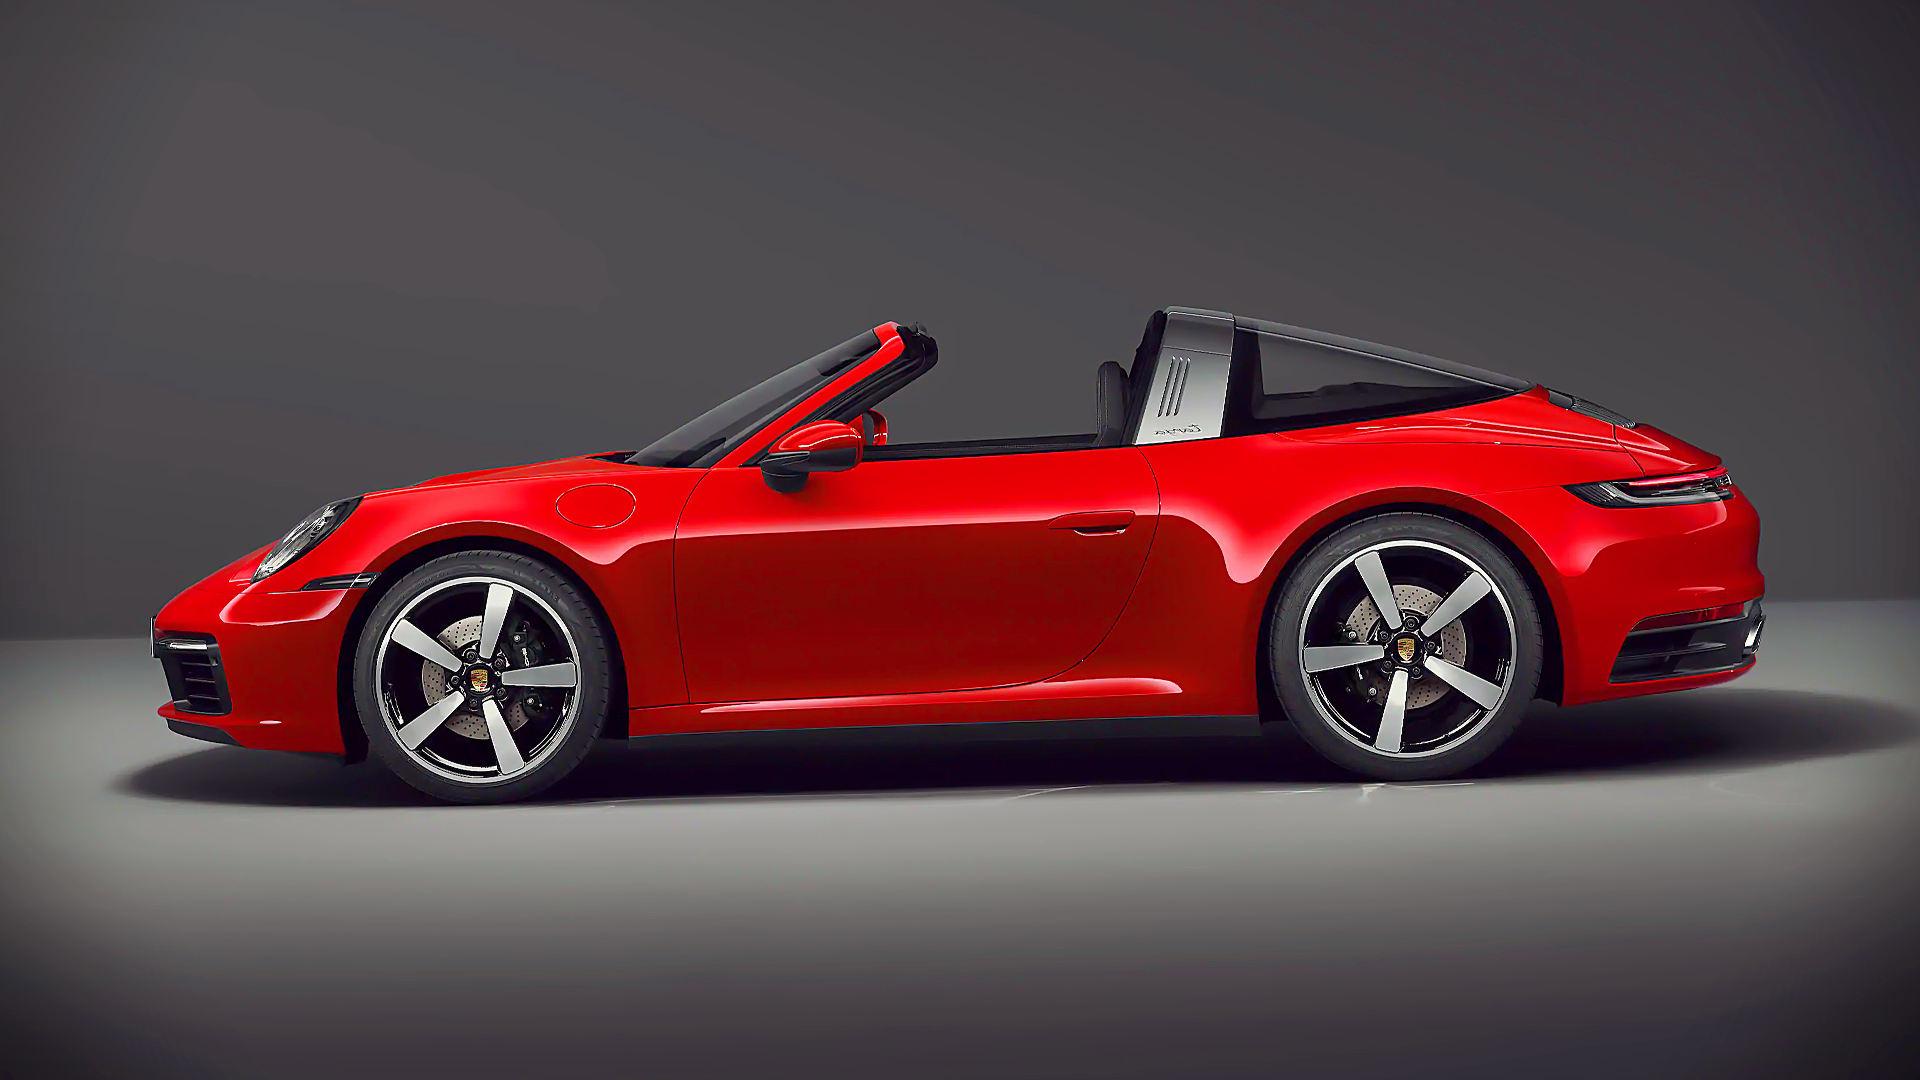 2021 Porsche 911 Targa 4S Red Wallpaper